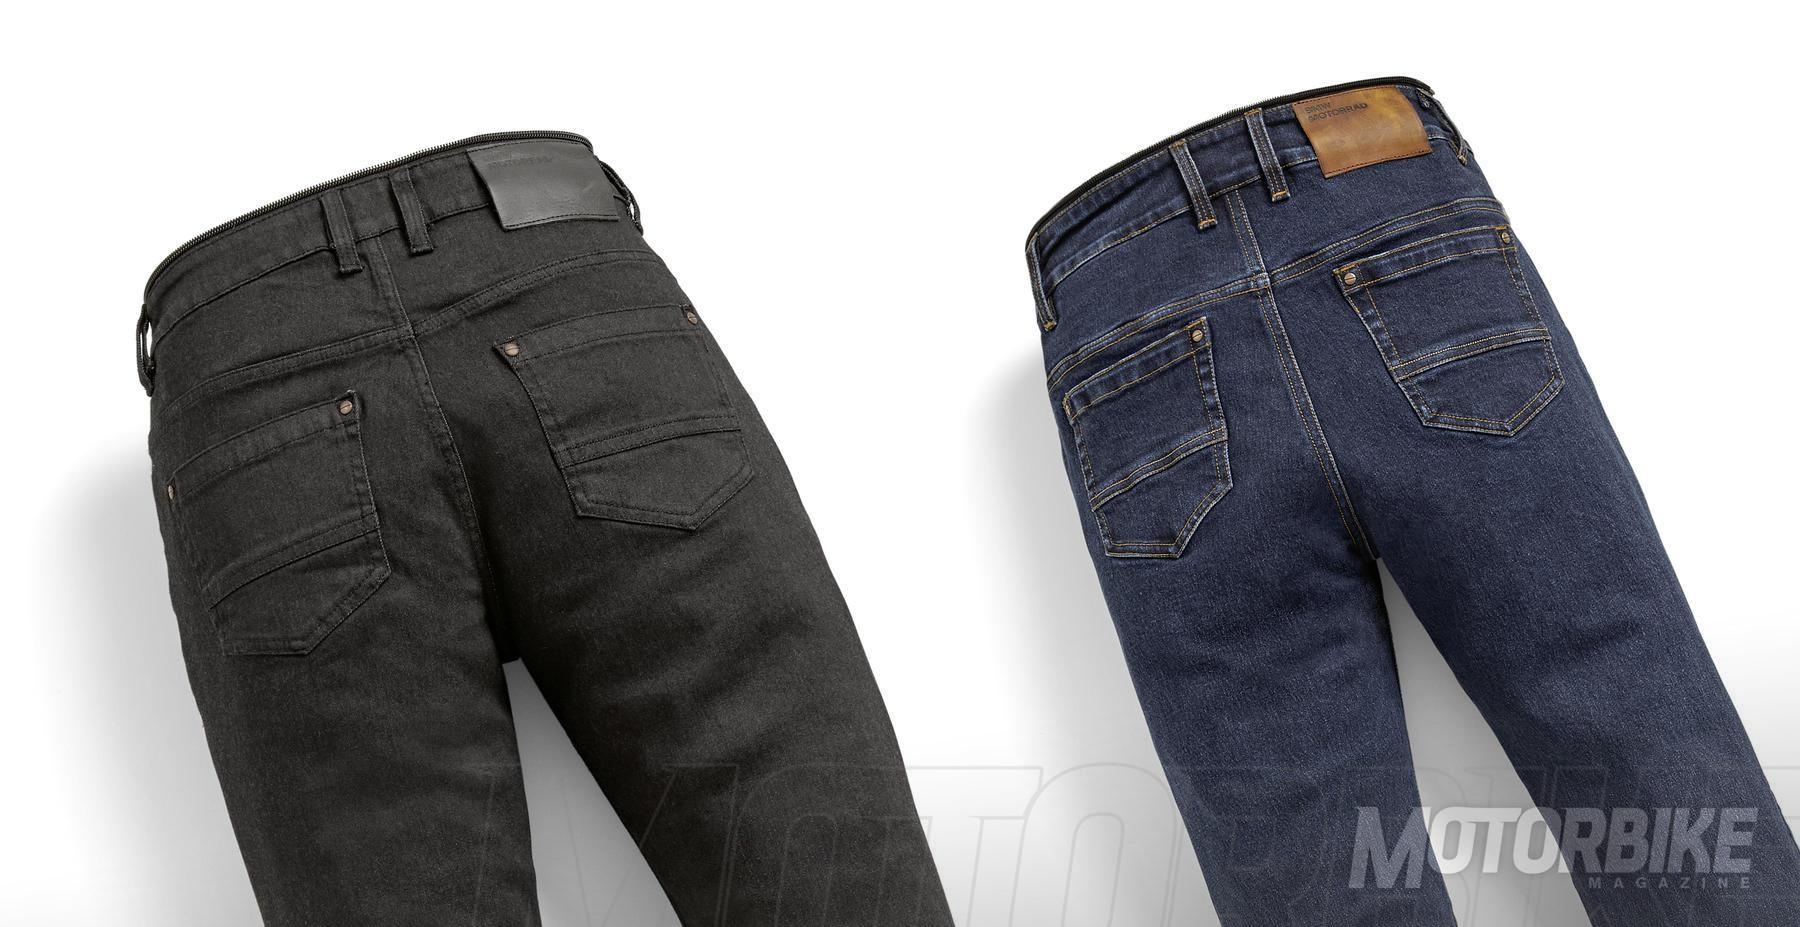 Pantalon Bmw Roadcrafted Precio Fotos Caracteristicas Y Opinion